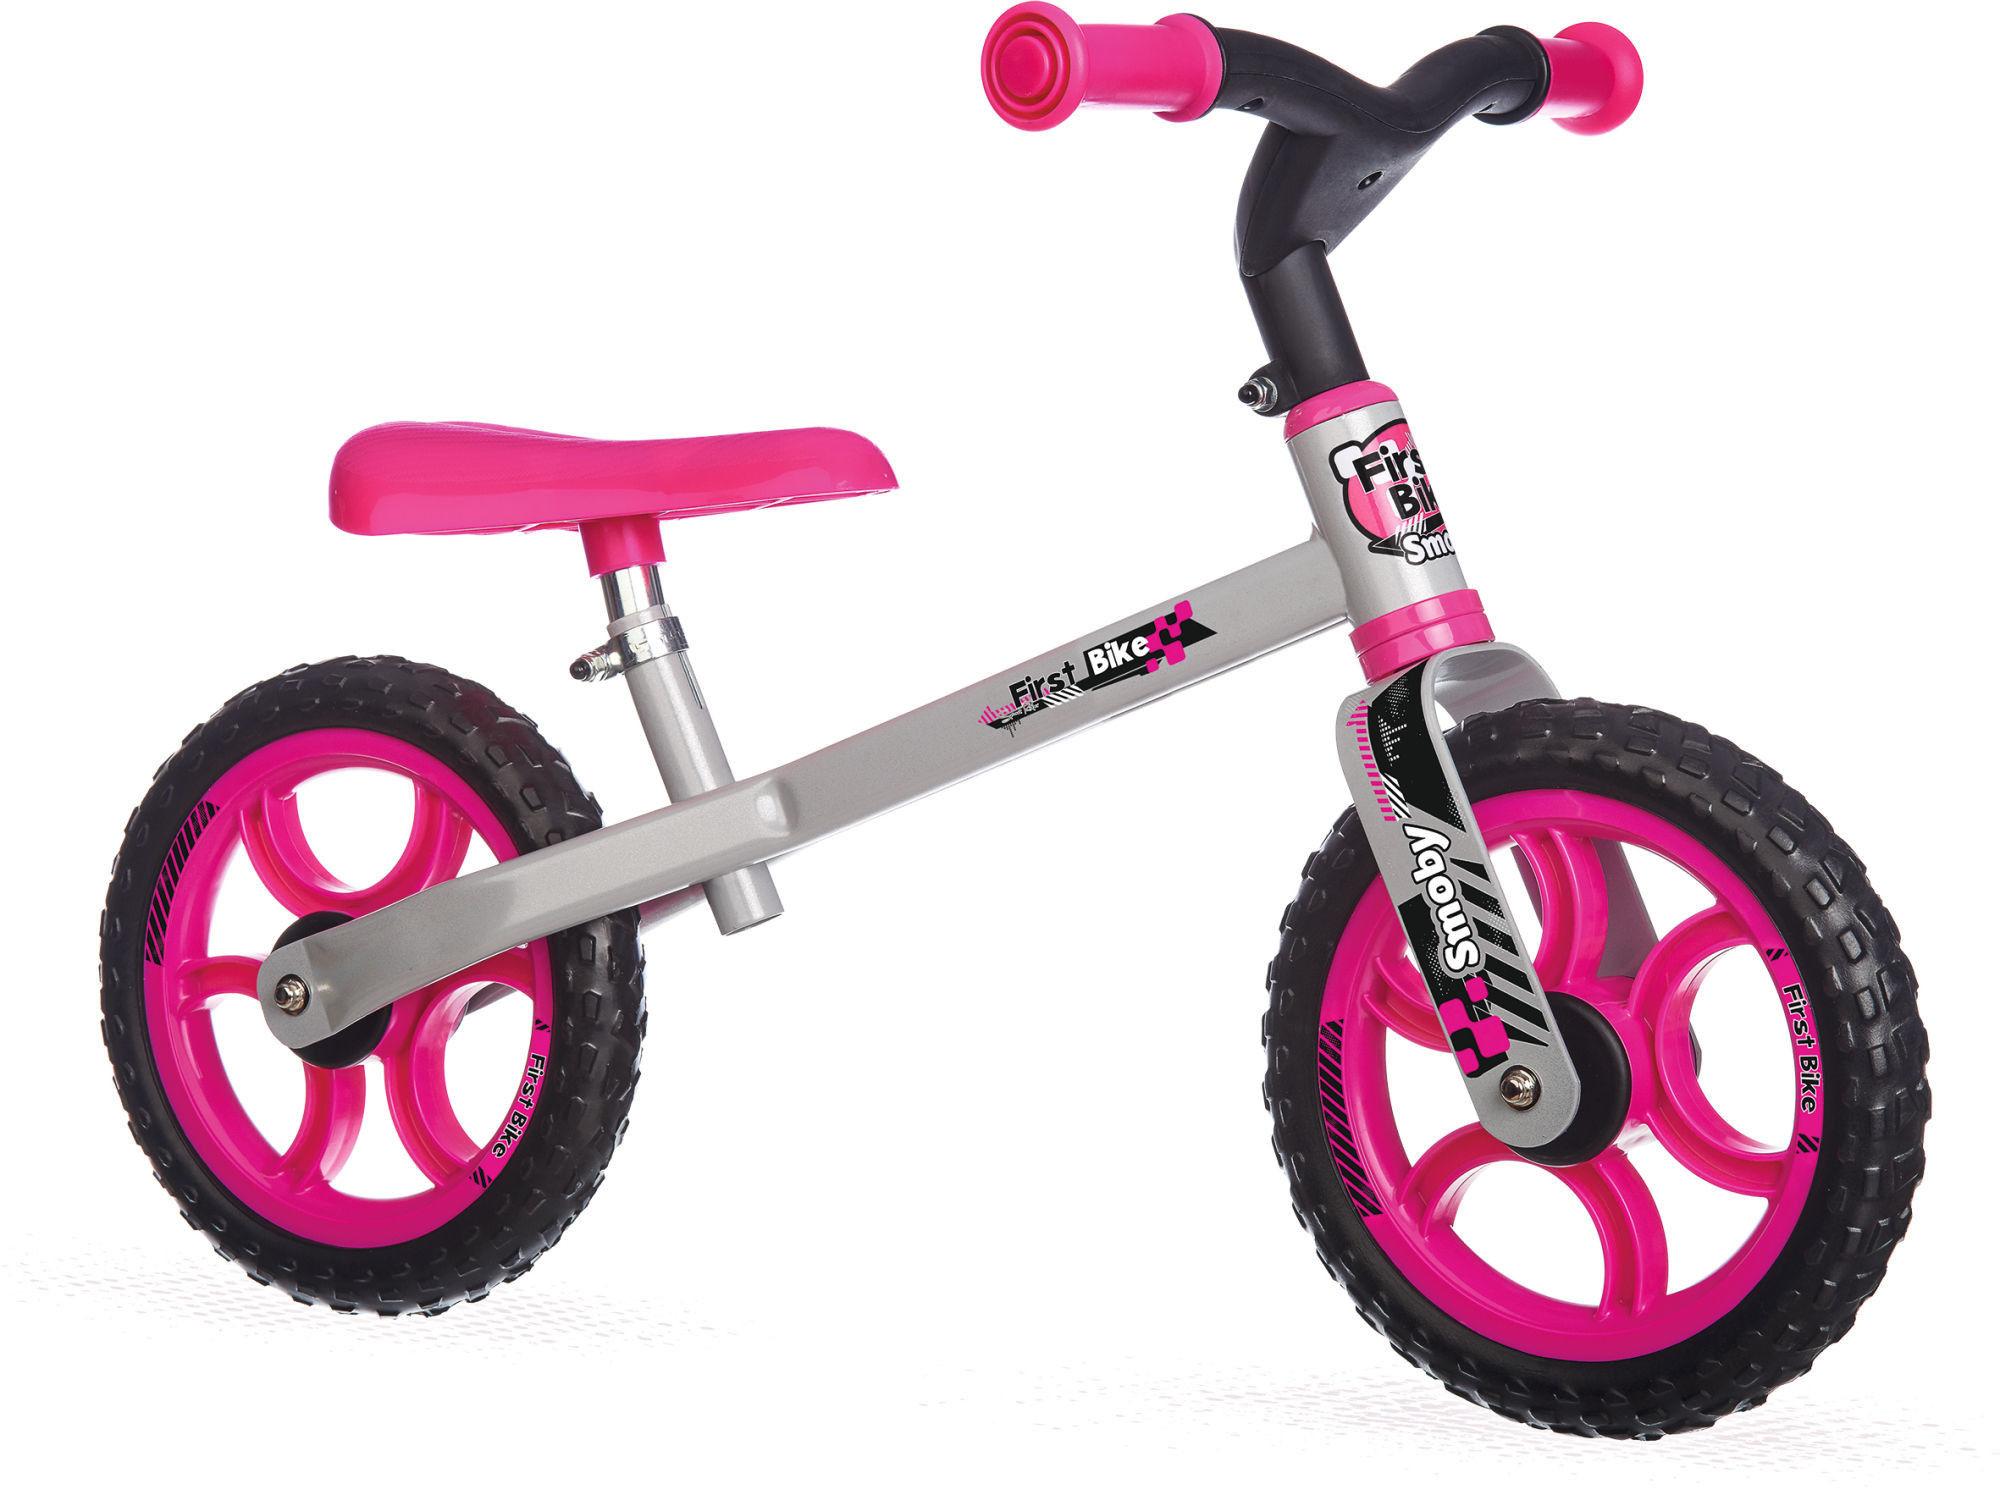 Smoby - Rowerek biegowy First bike różowy 770201